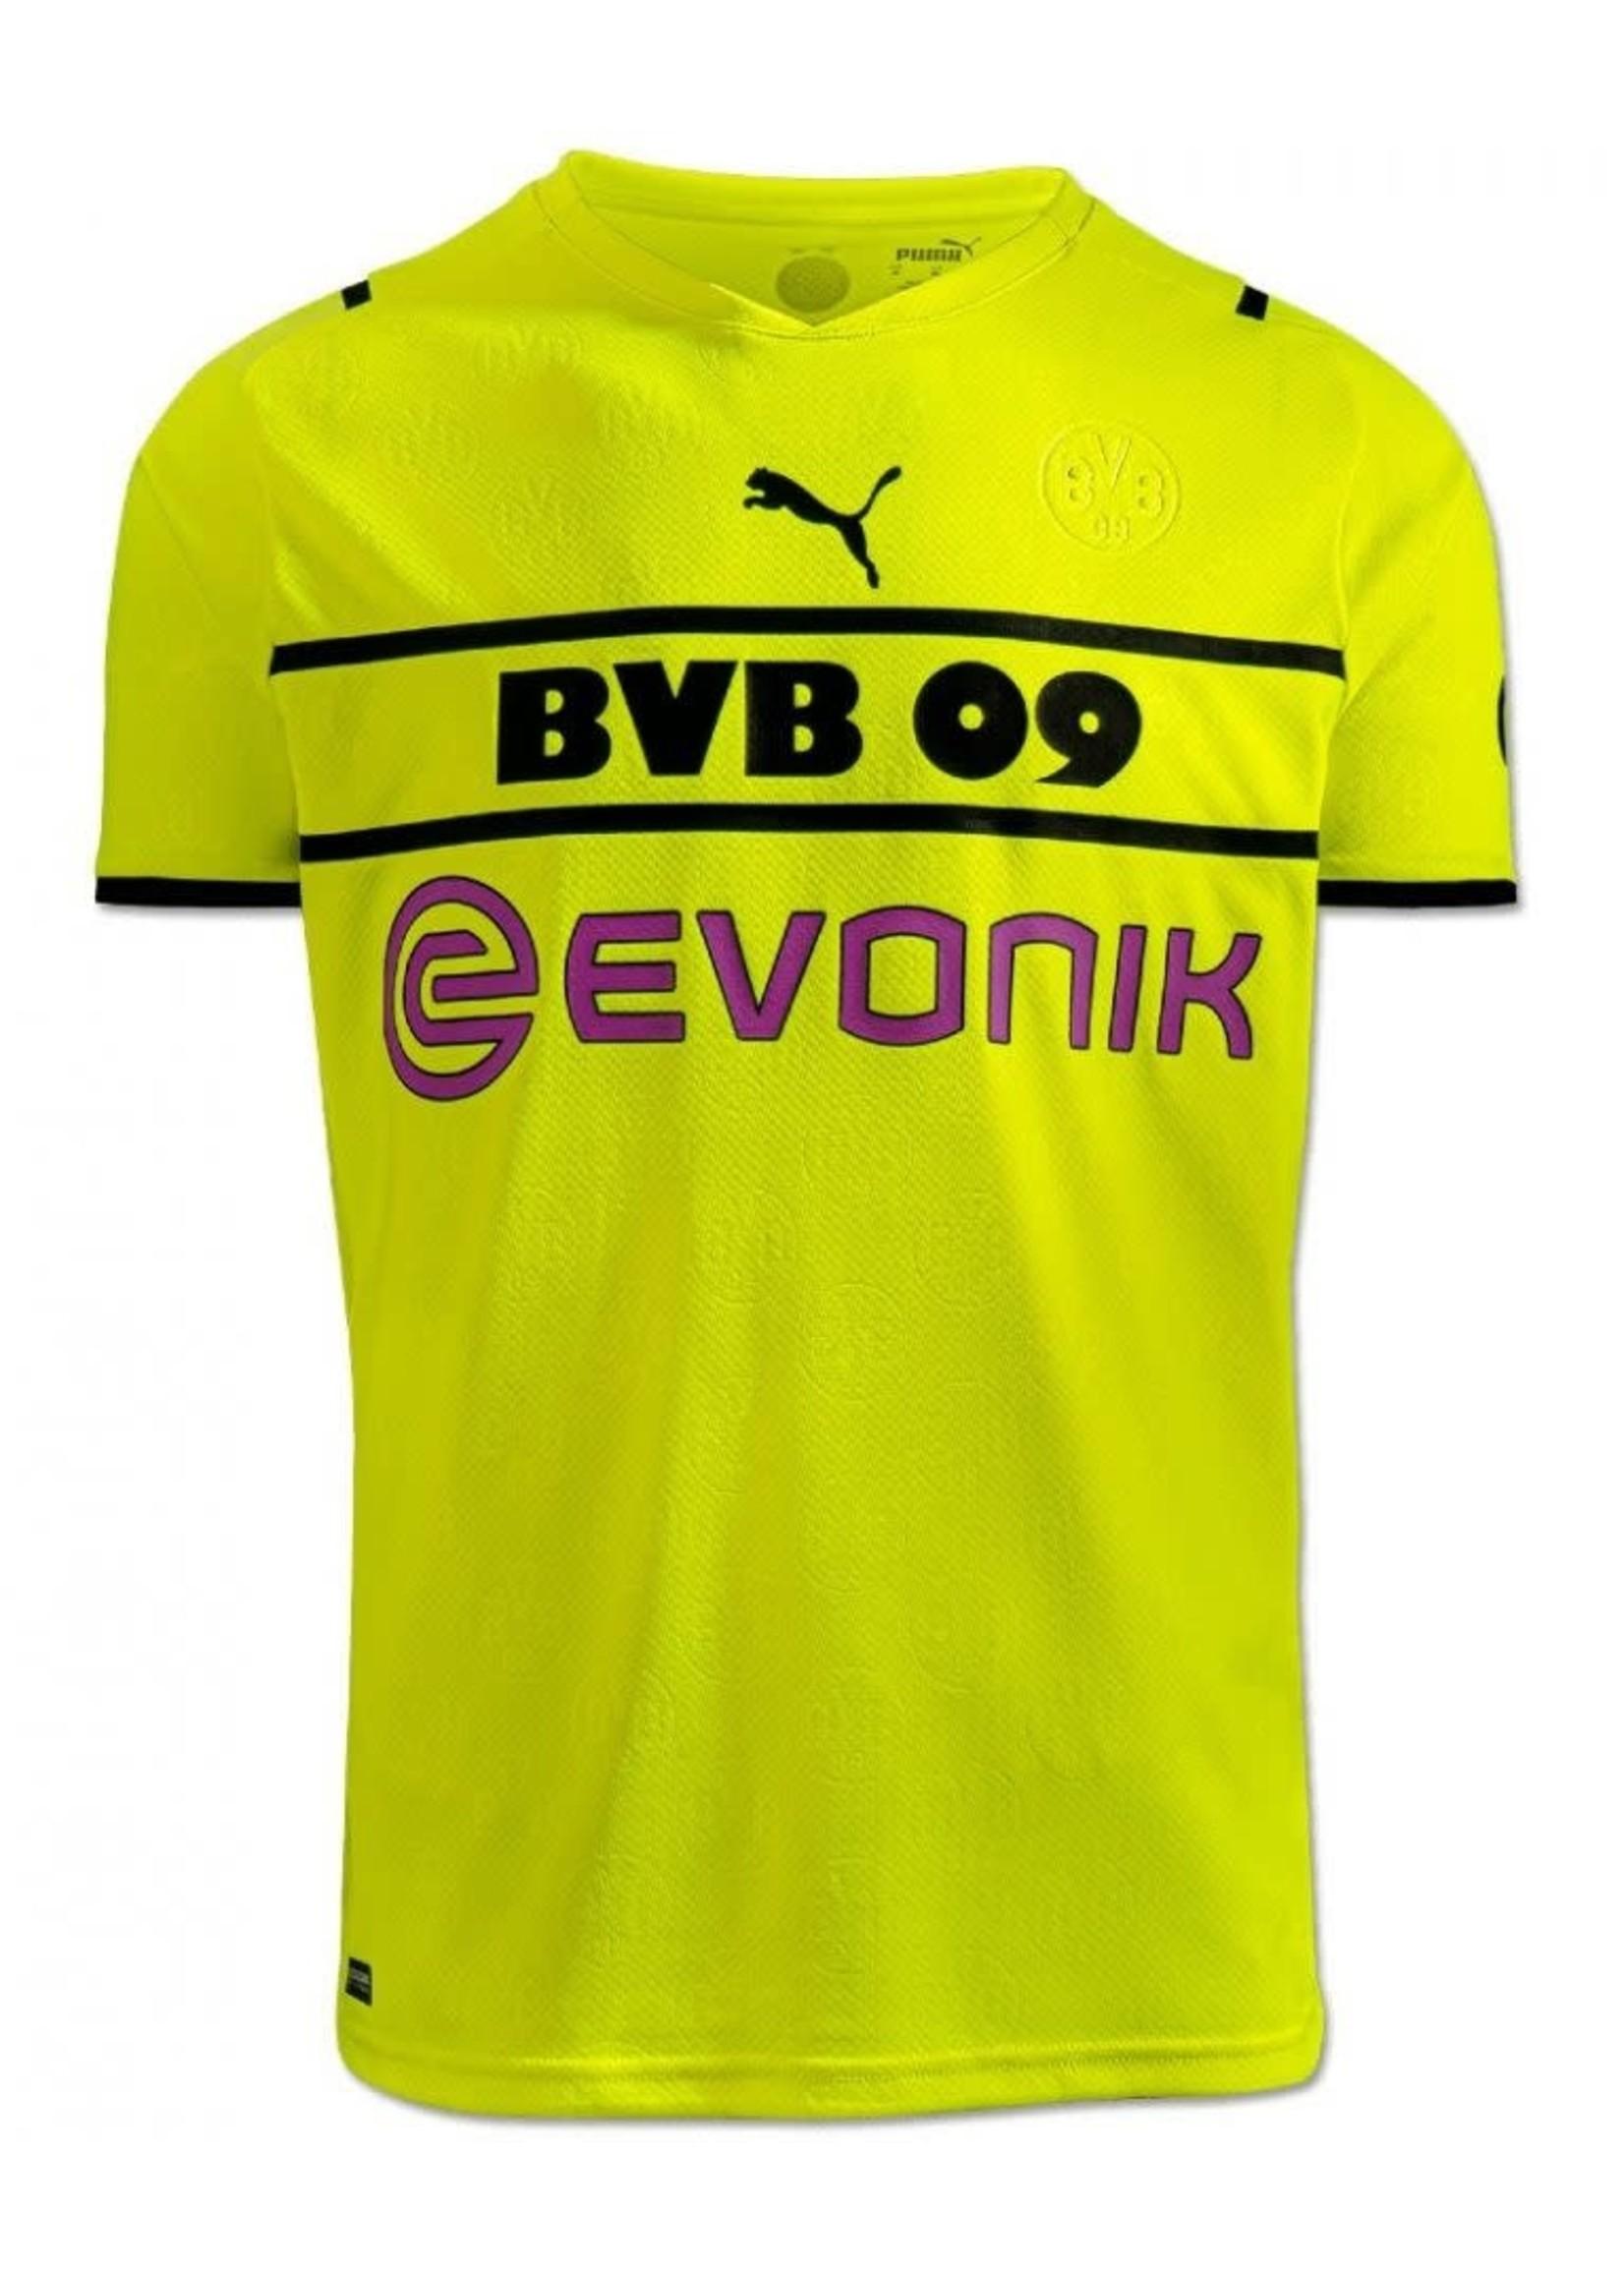 Puma BVB Cup Shirt Replica w/Sponsor